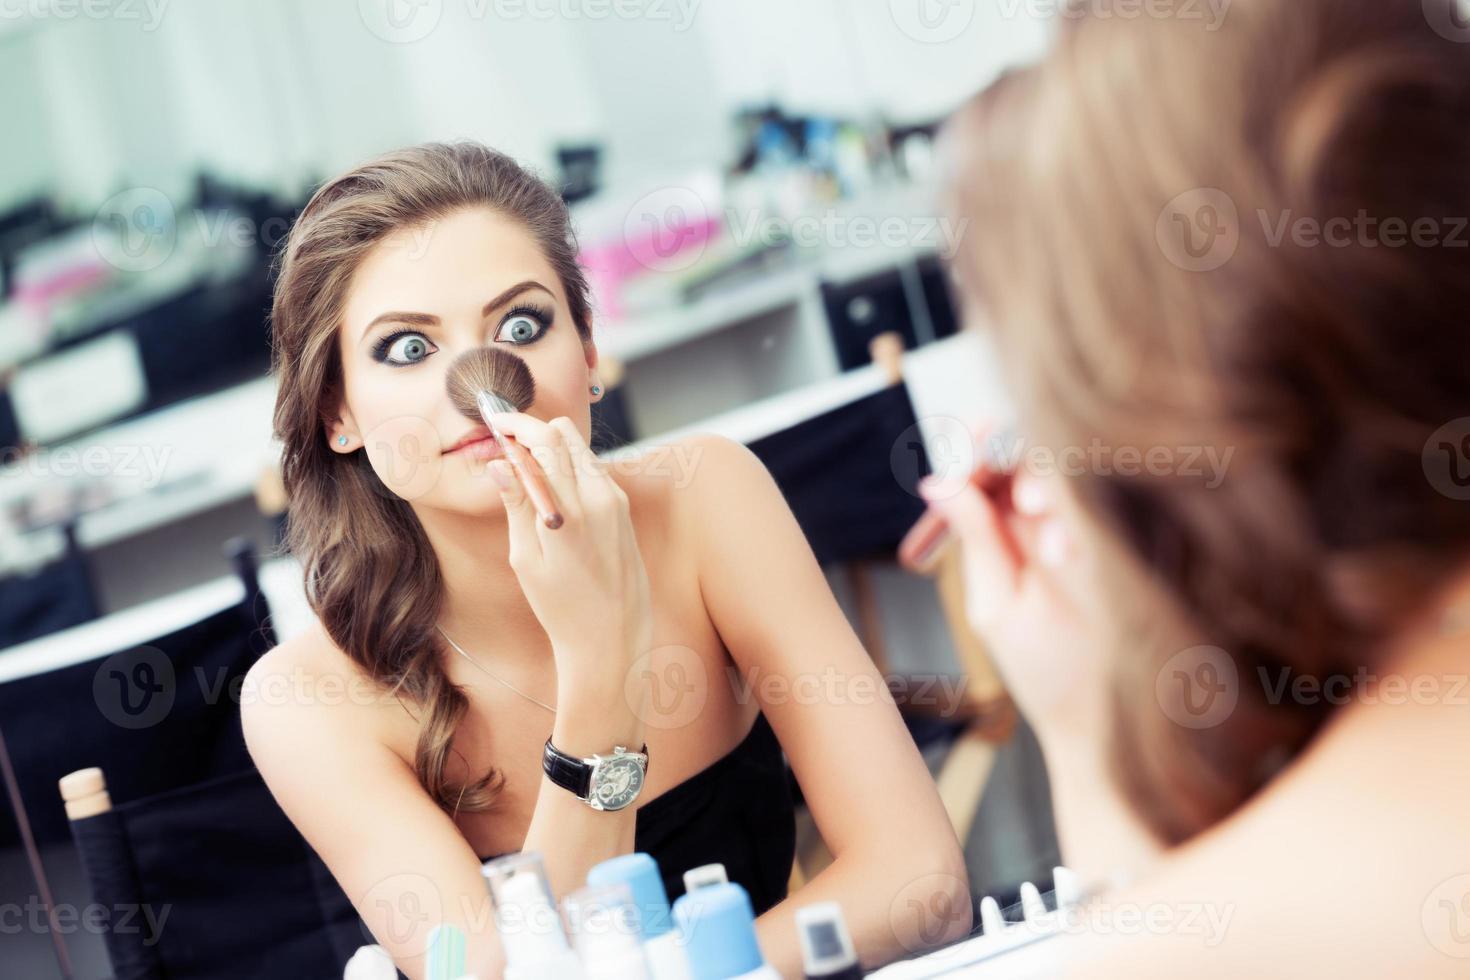 kvinna skämt framför en spegel foto